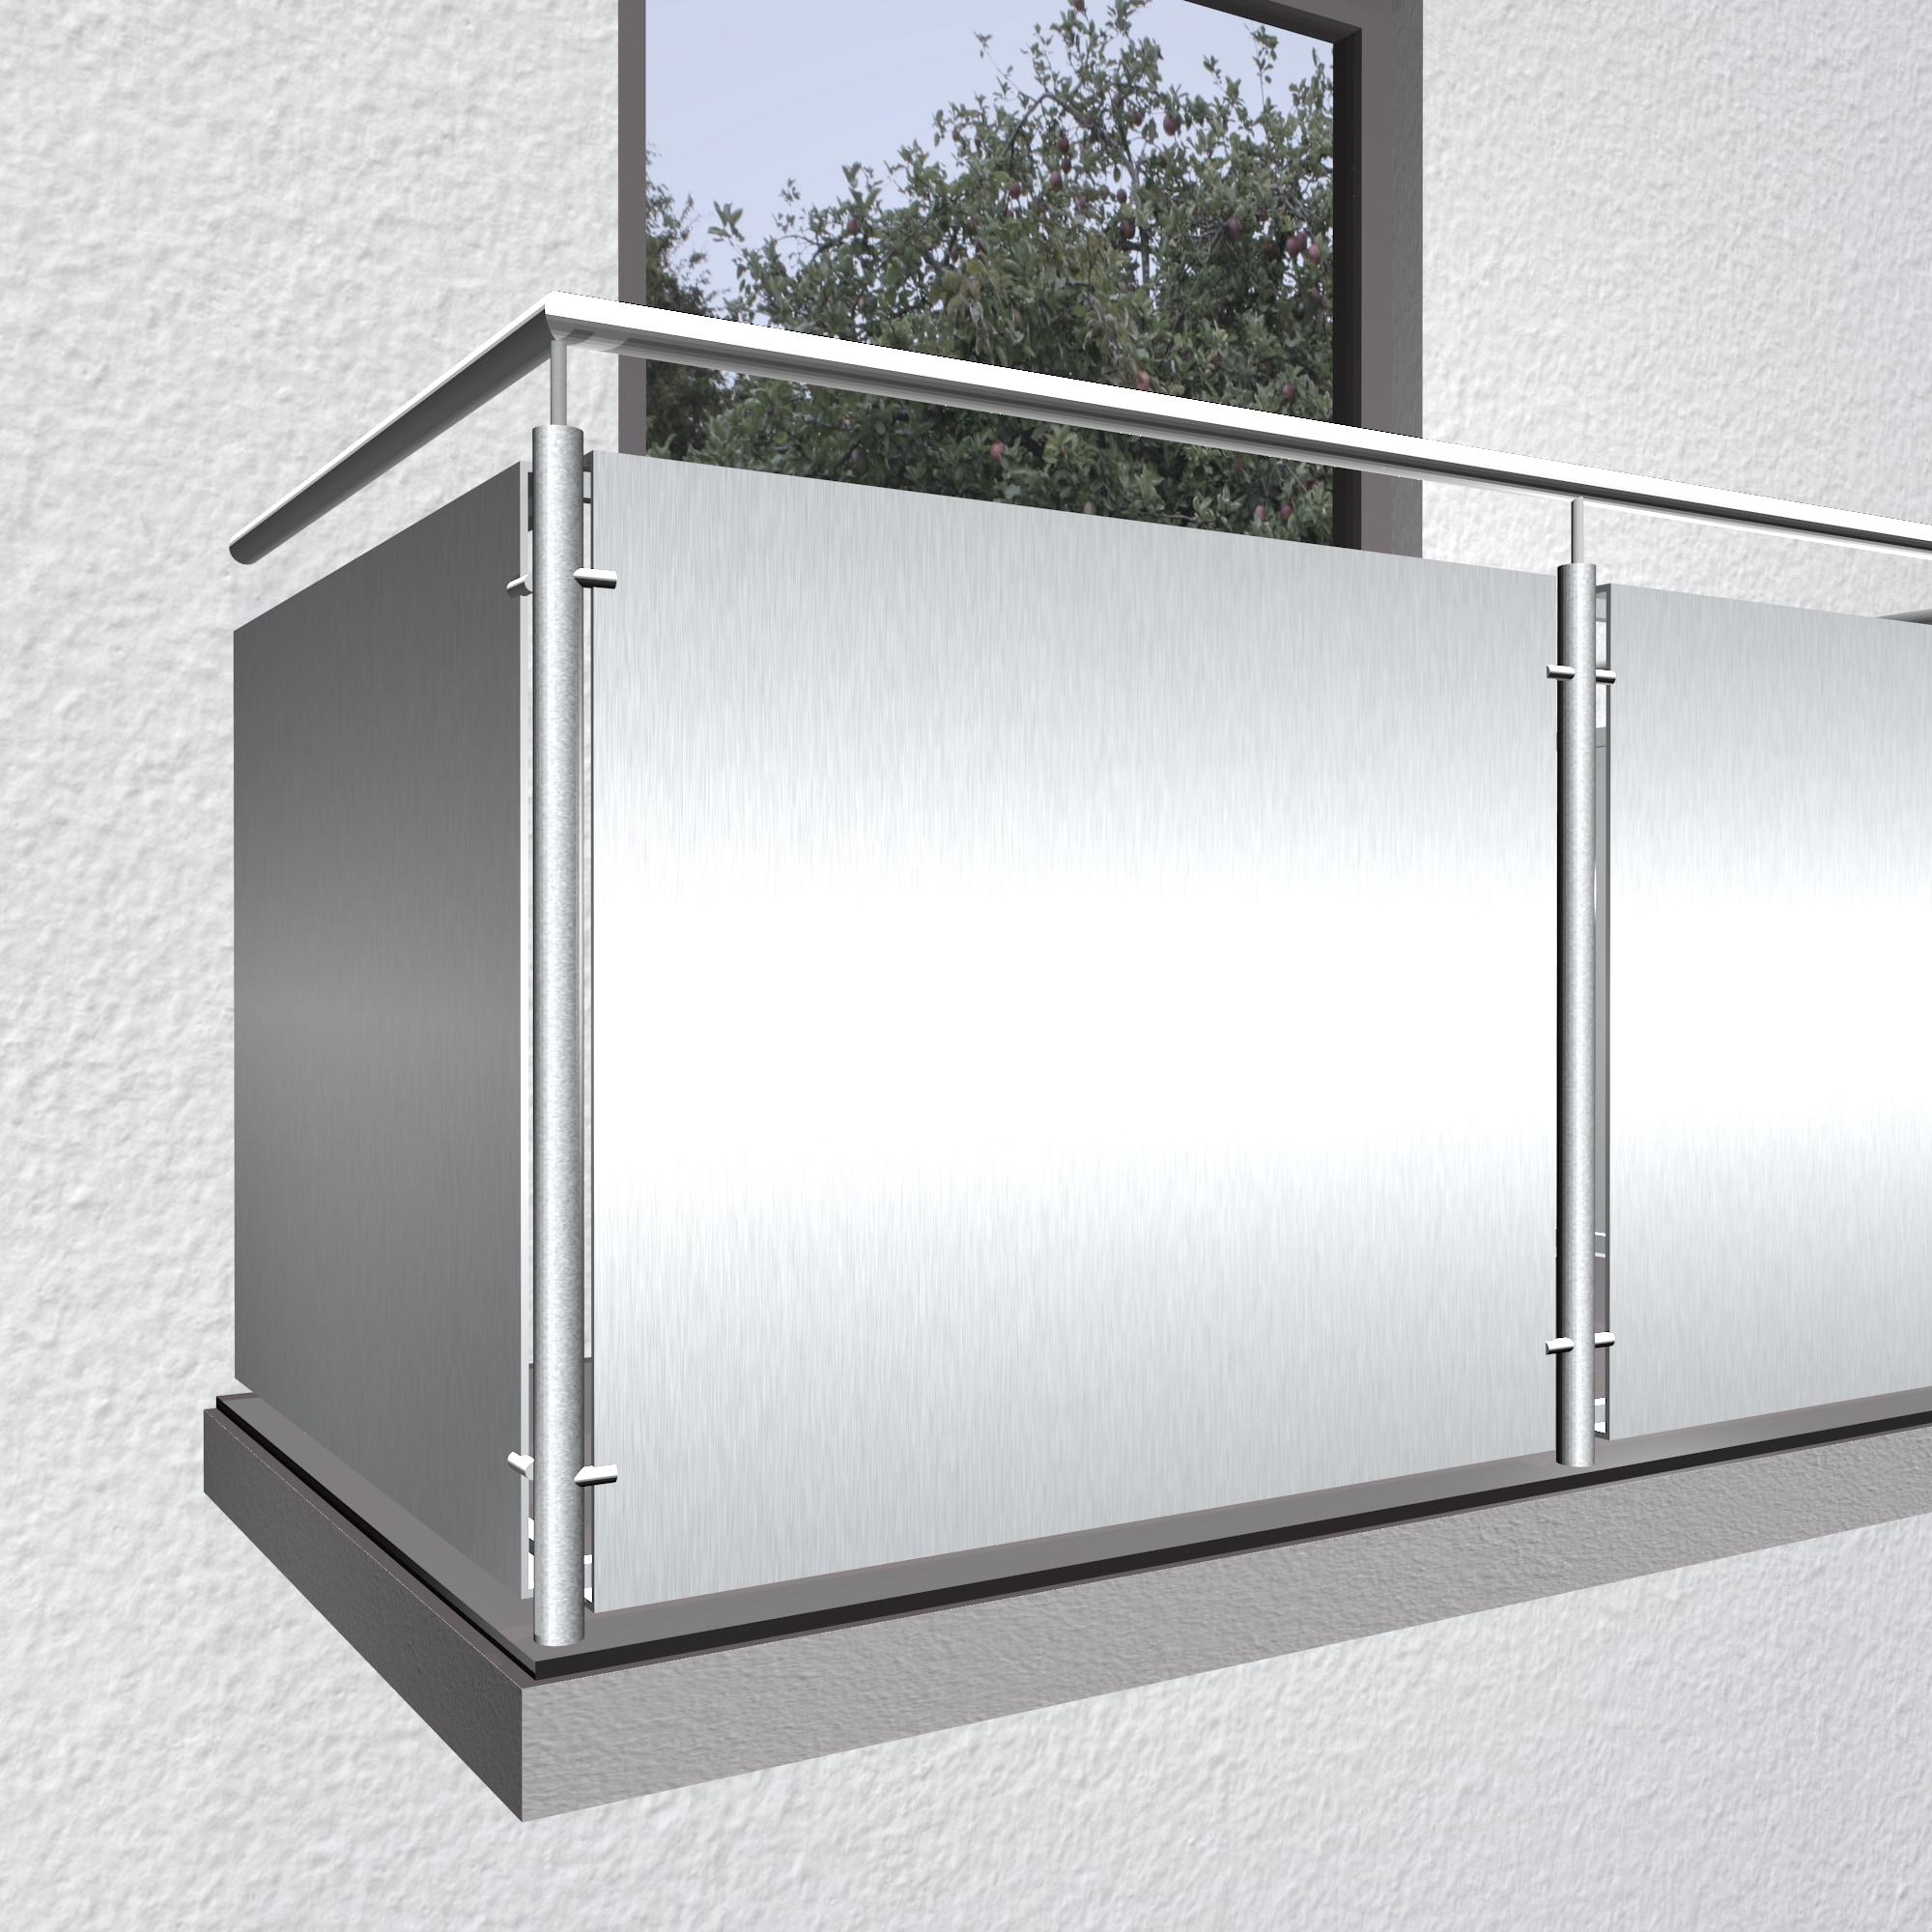 Balkonverkleidung Aluminium Vollblech